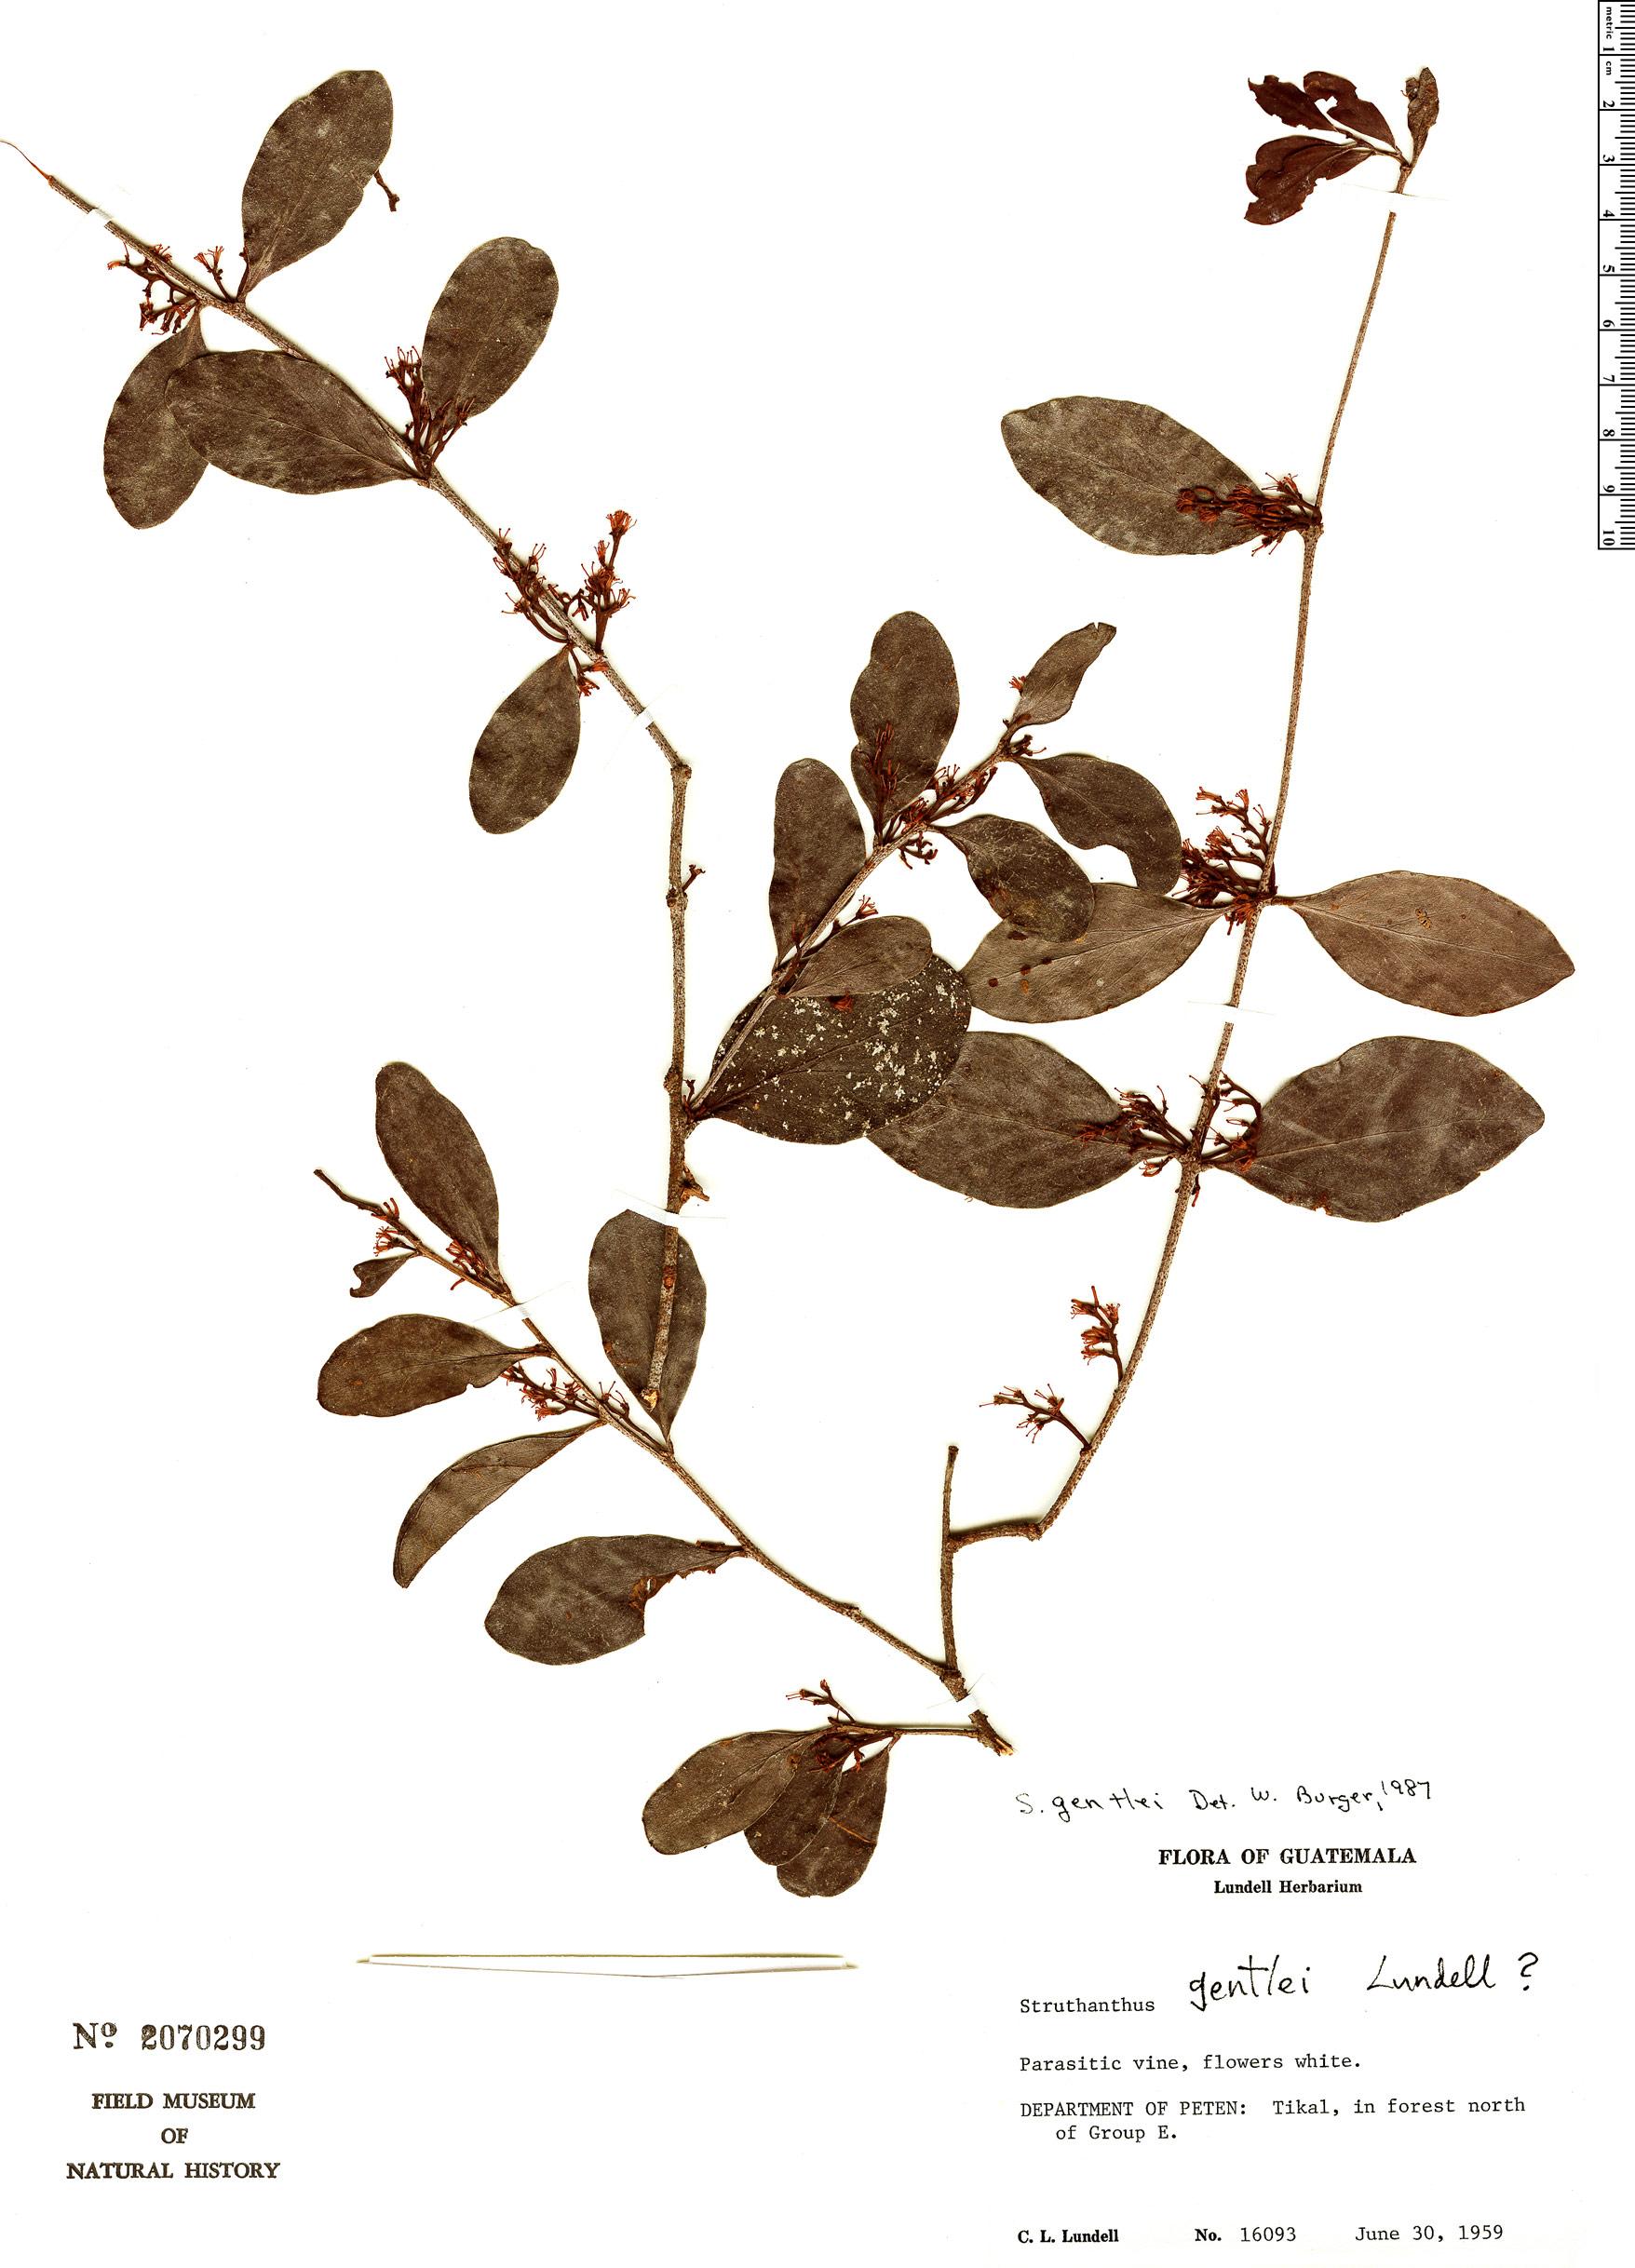 Specimen: Struthanthus gentlei